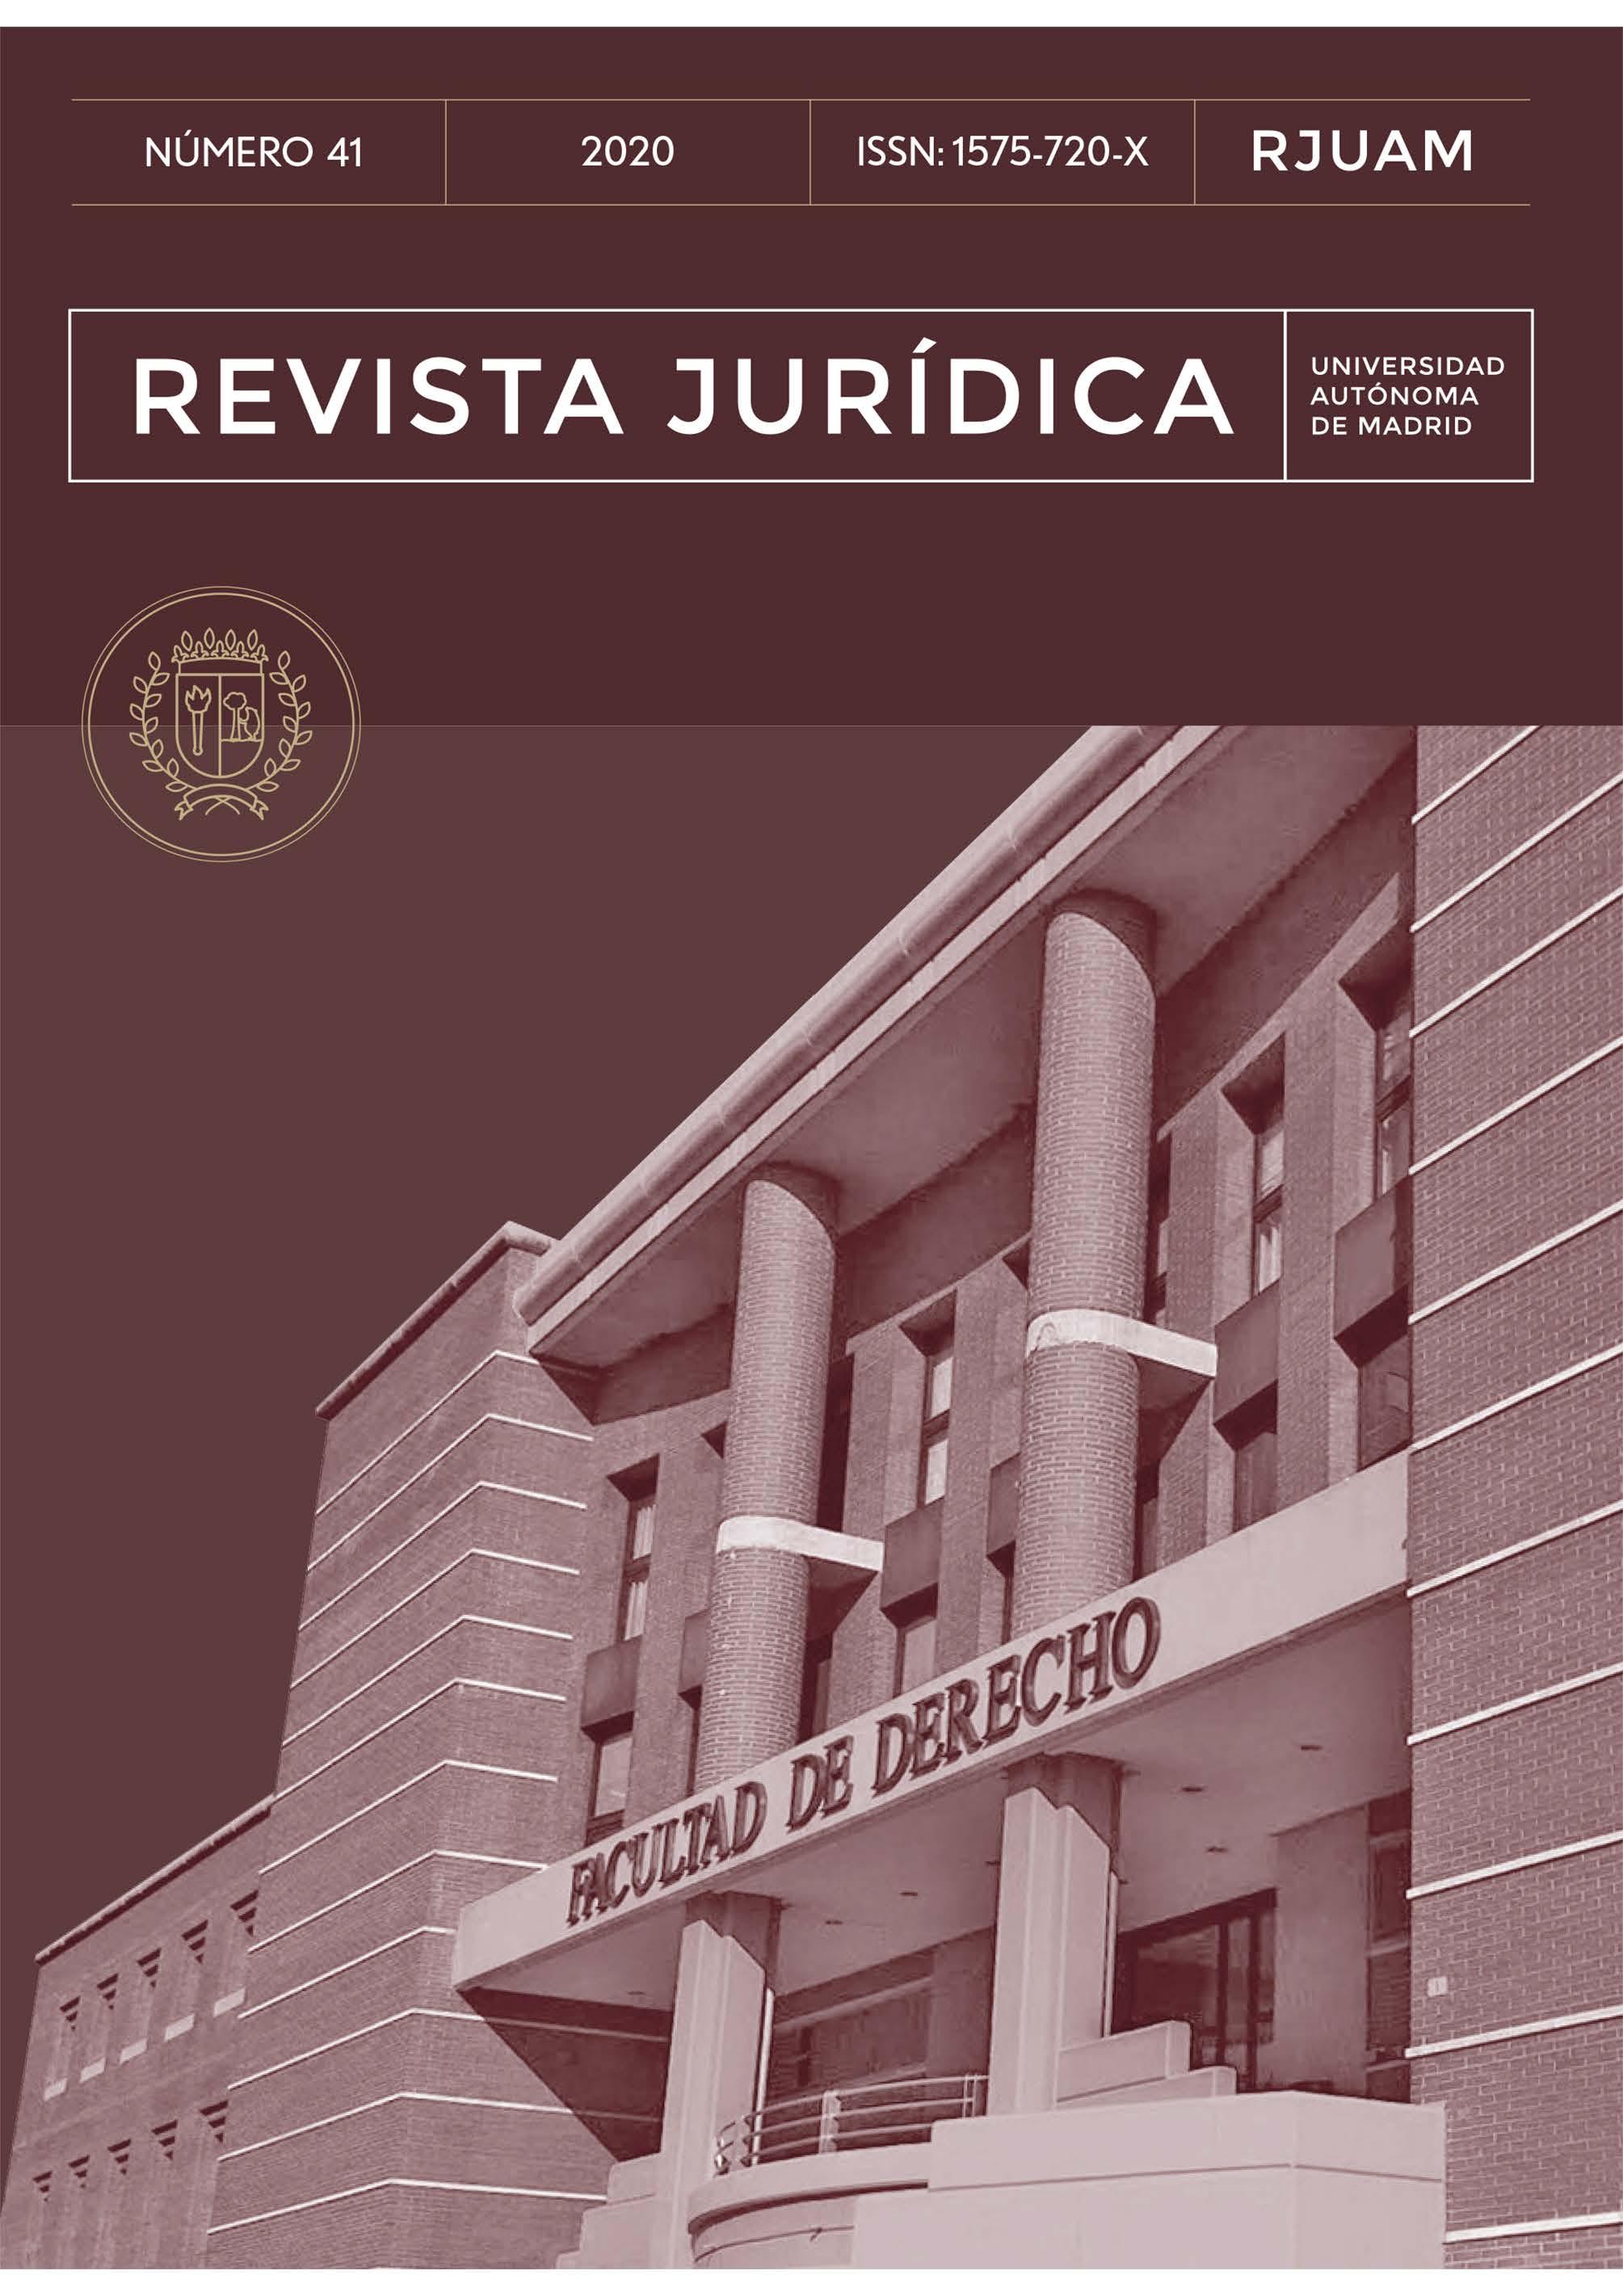 Portada del número 41 de la Revista Jurídica de la Universidad Autónoma de Madrid